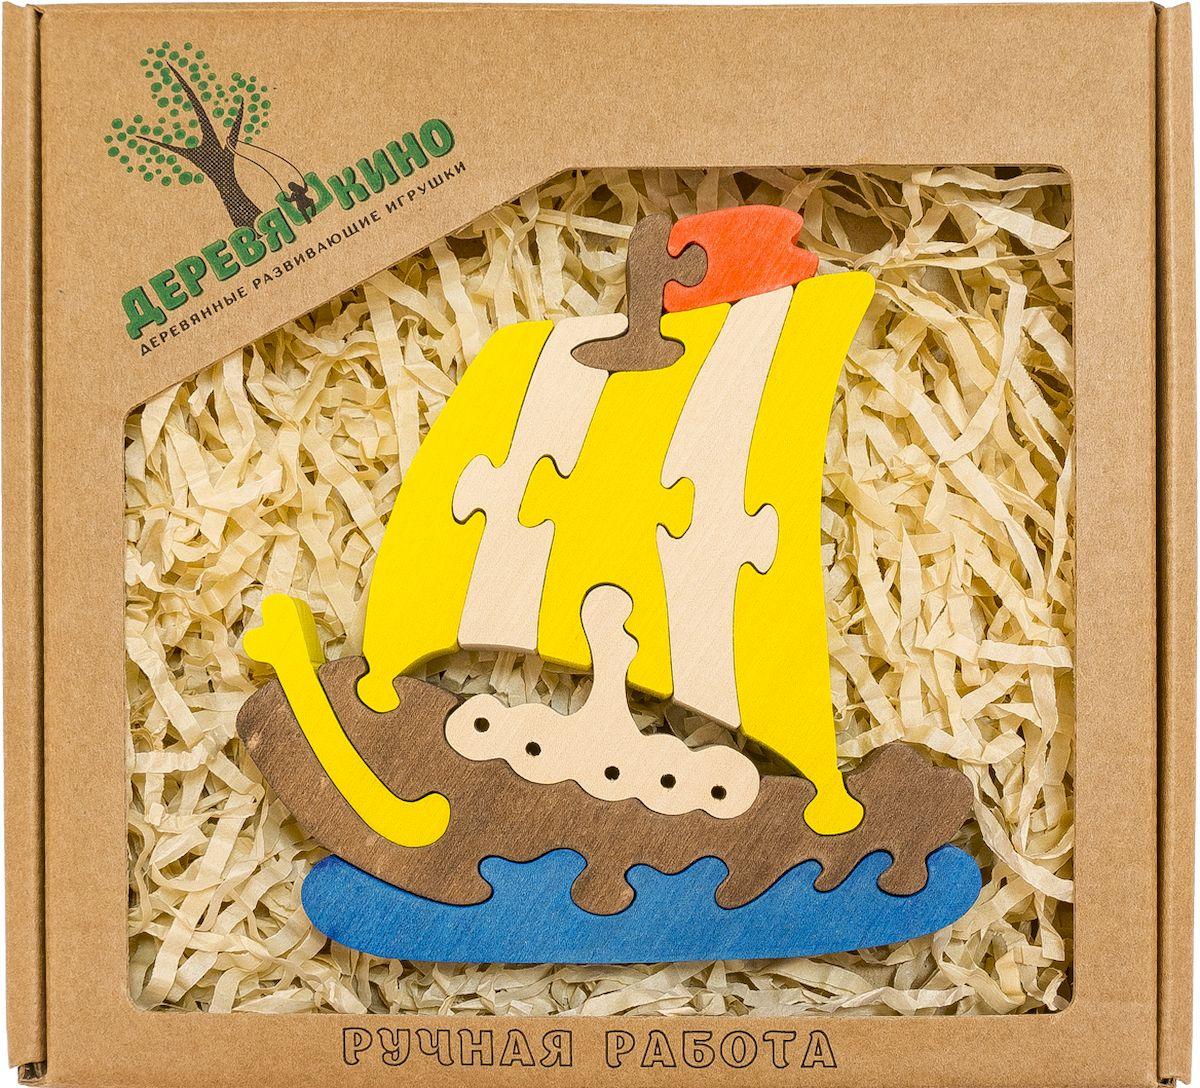 Деревяшкино Пазл для малышей Кораблик557Развивающая деревянная головоломка Кораблик (средней степени сложности) подходит для мальчиков и девочек в возрасте 3-5лет, состоит из 11 деталей. Экологически чистый продукт: изготовлено вручную из массива березы. Игрушка раскрашена пищевой водостойкой краской, что делает взаимодействие с изделием абсолютно безопасным: никаких лаков, «химии» или добавок. Процесс сборки деревянной головоломки развивает: тактильную сенсорику, внимательность, усидчивость, пространственное мышление, мелкую моторику, а так же учит различать элементы по цвету, форме и размеру. С продукцией компании Деревяшкино, Ваши детки развиваются, играя без риска для здоровья.